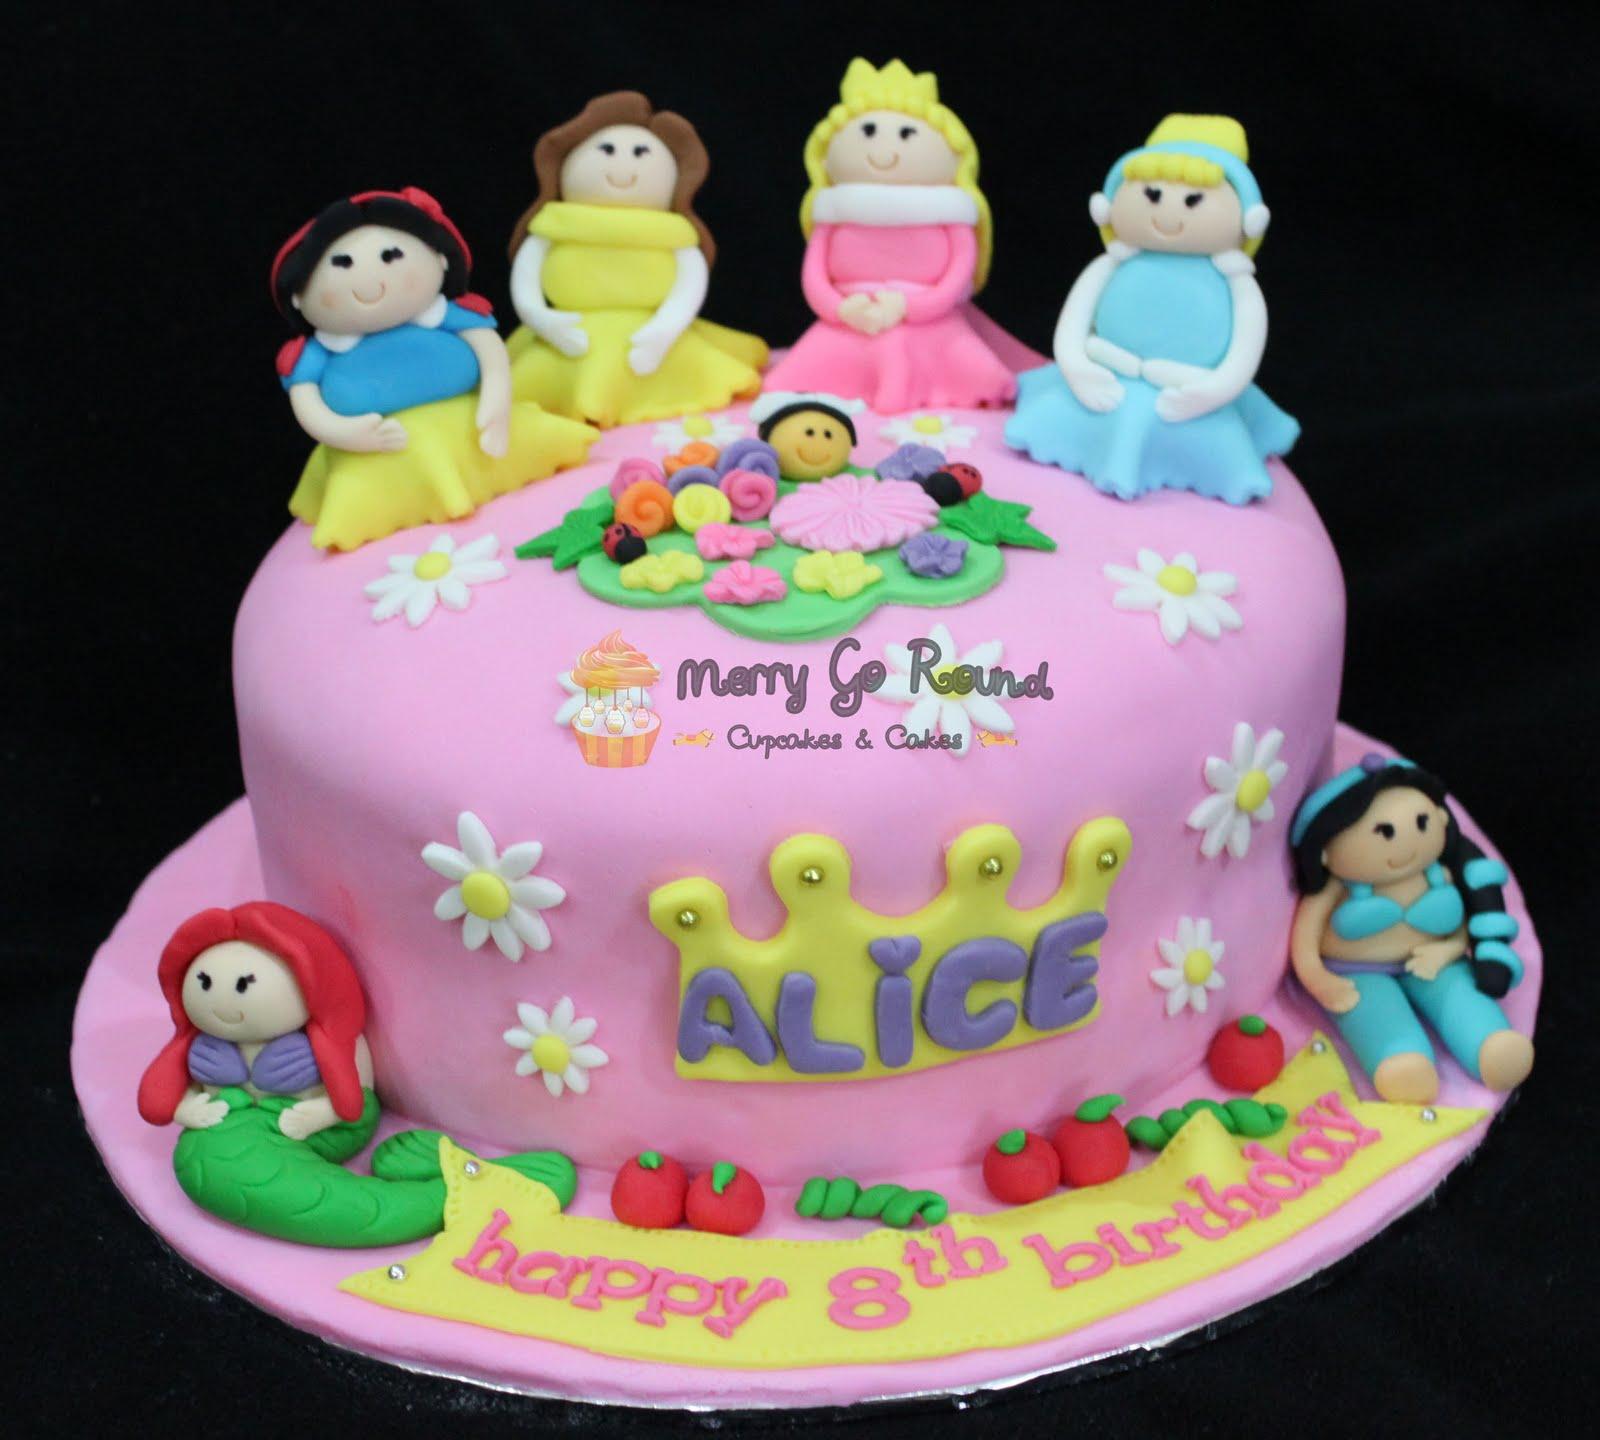 Cupcakes & Cakes: Disney Princess